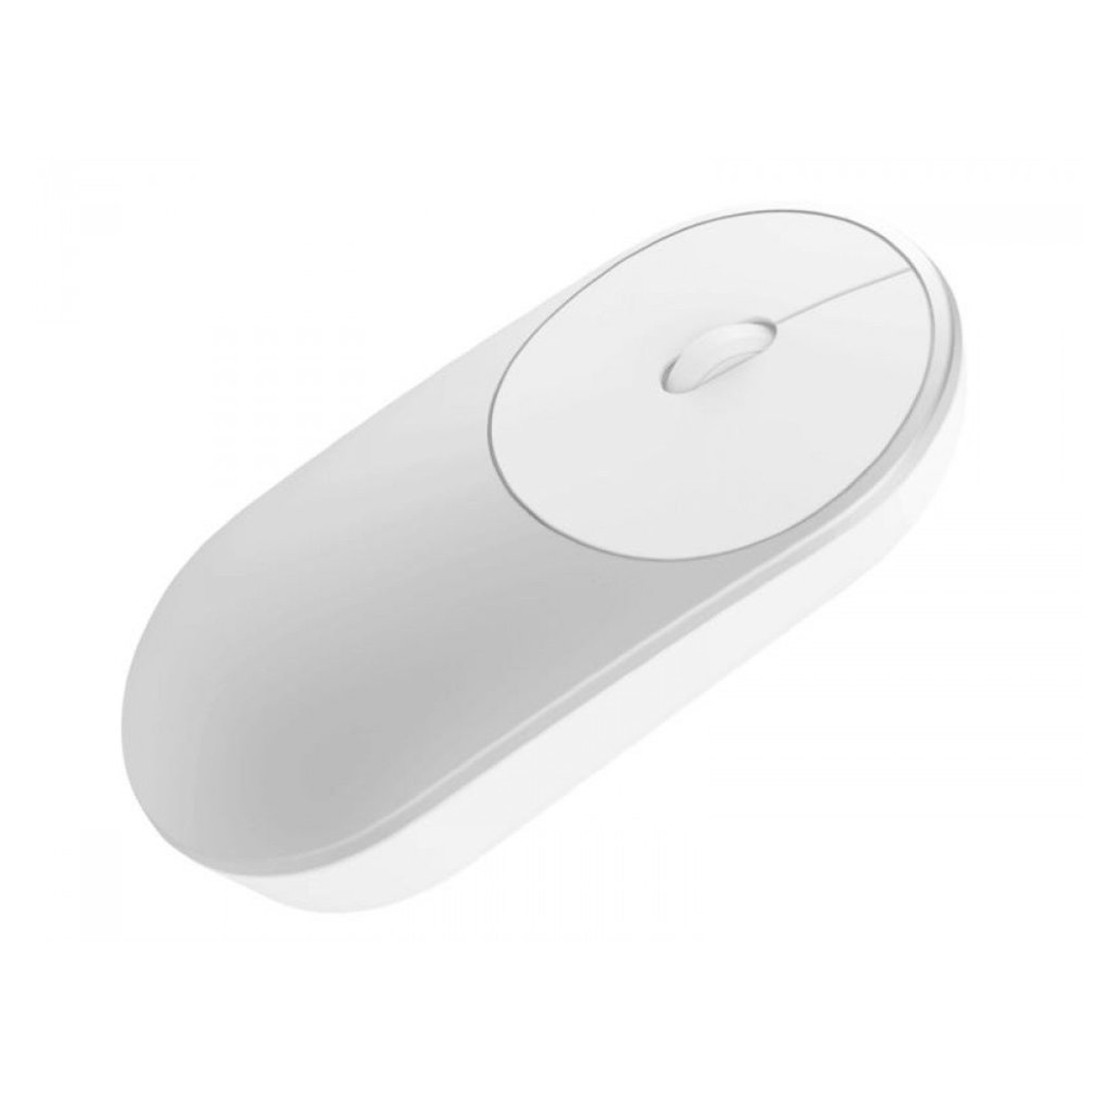 Мышка, Xiaomi,Mi Portable Mouse HLK4003CN/HLK4008GL, Bluetooth 4.0/2.4 Ггц, Лазерный датчик, 10 метров,